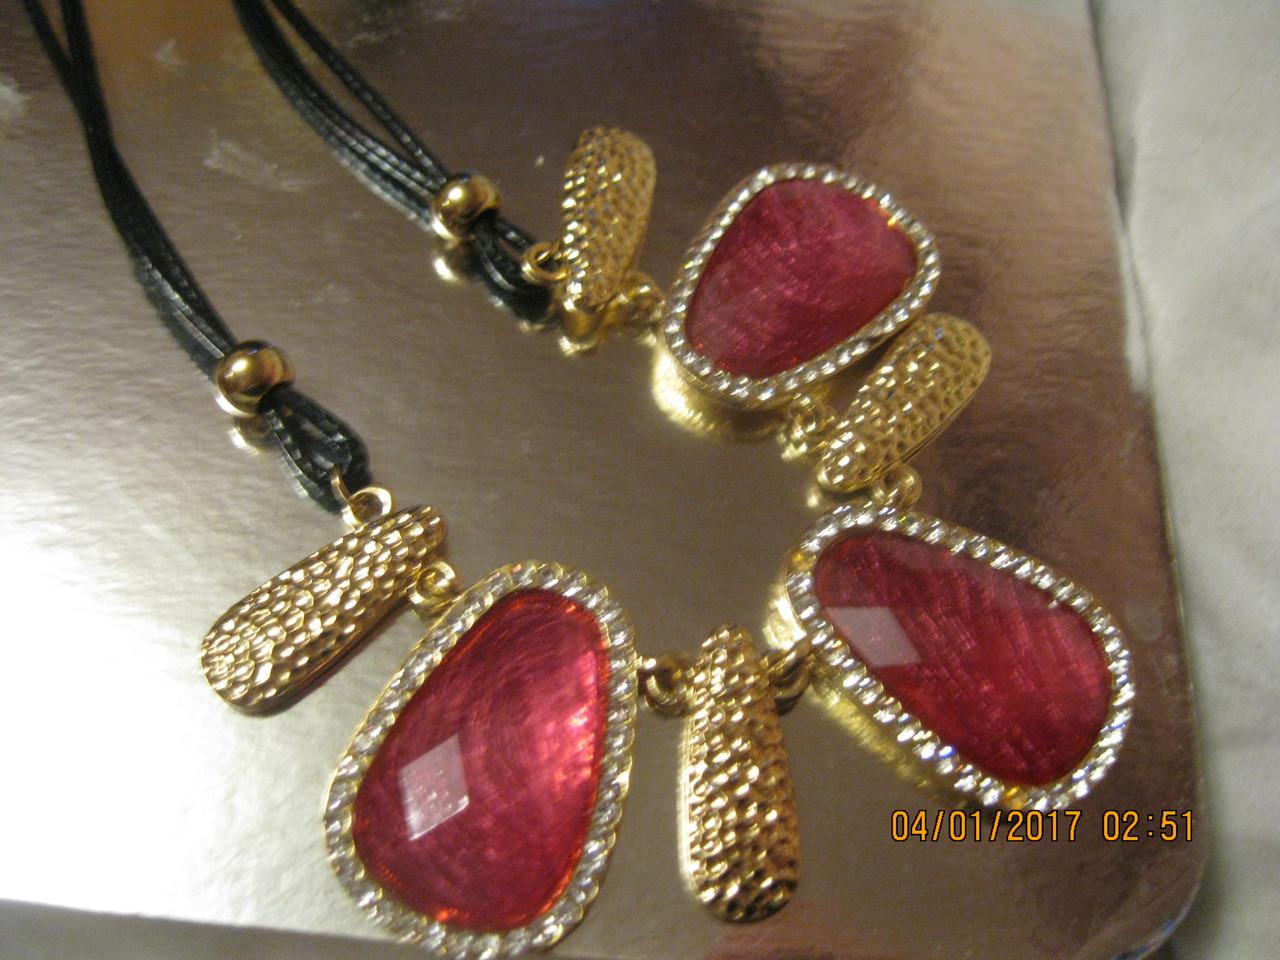 БИЖУТЕРИЯ колье бусы ожерелья под золото с розовым новые стильные модные украшения